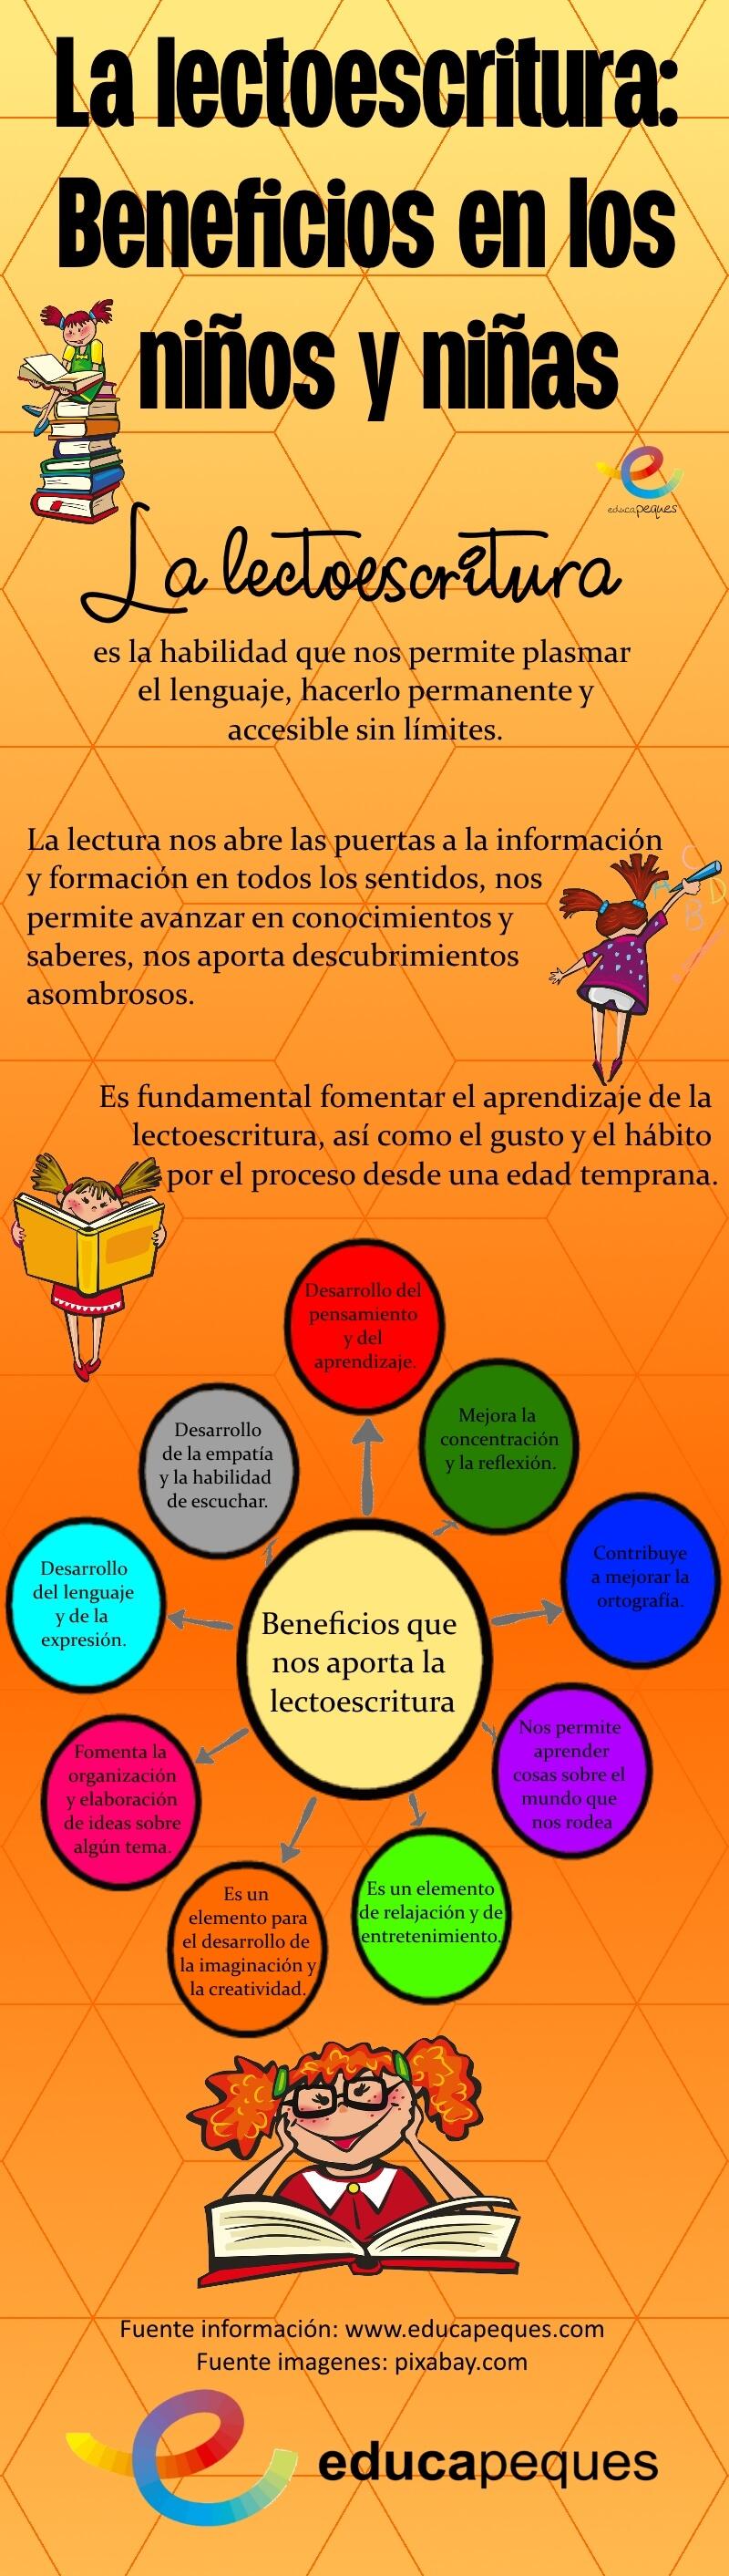 lectoescritura, escritura, grafomotricidad, infografía